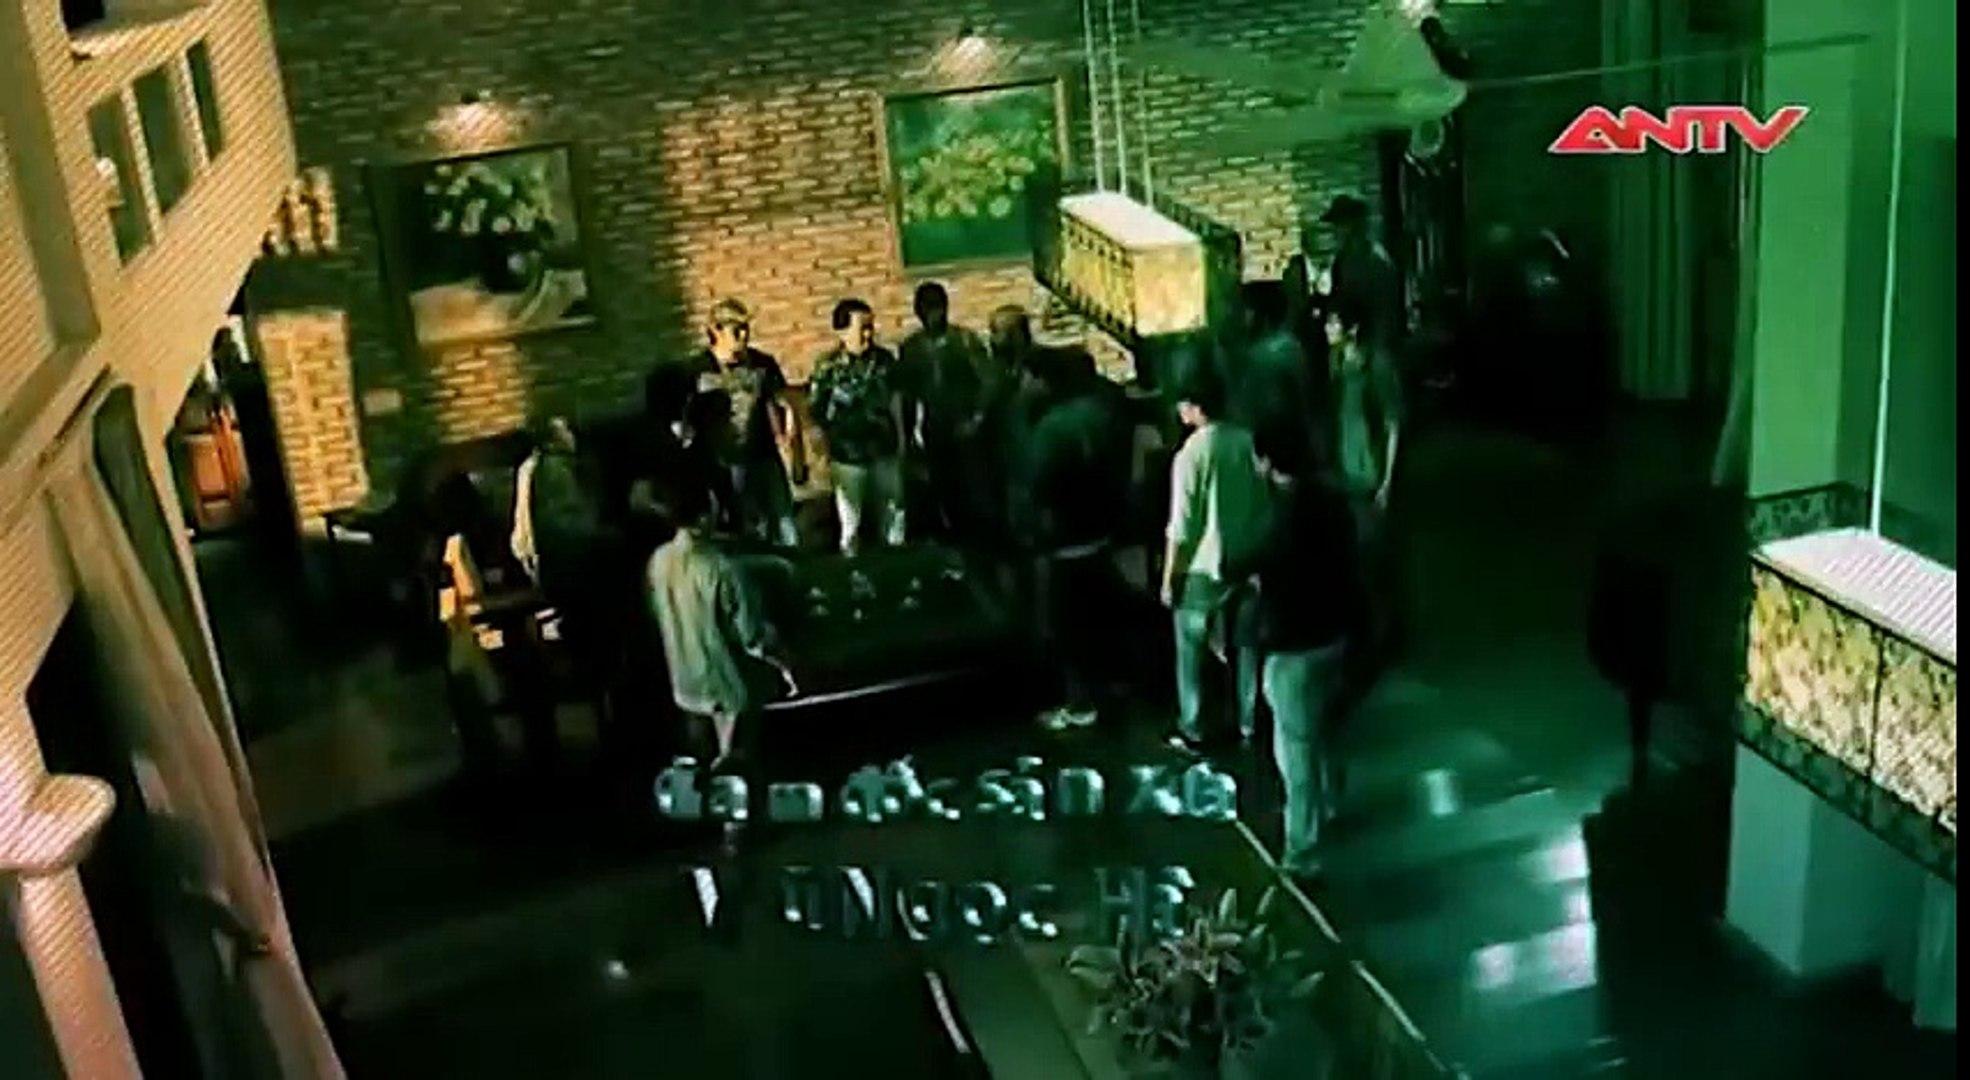 CON GÁI ÔNG TRÙM TẬP 33 - Phim Việt Nam bom tấn trên ANTV